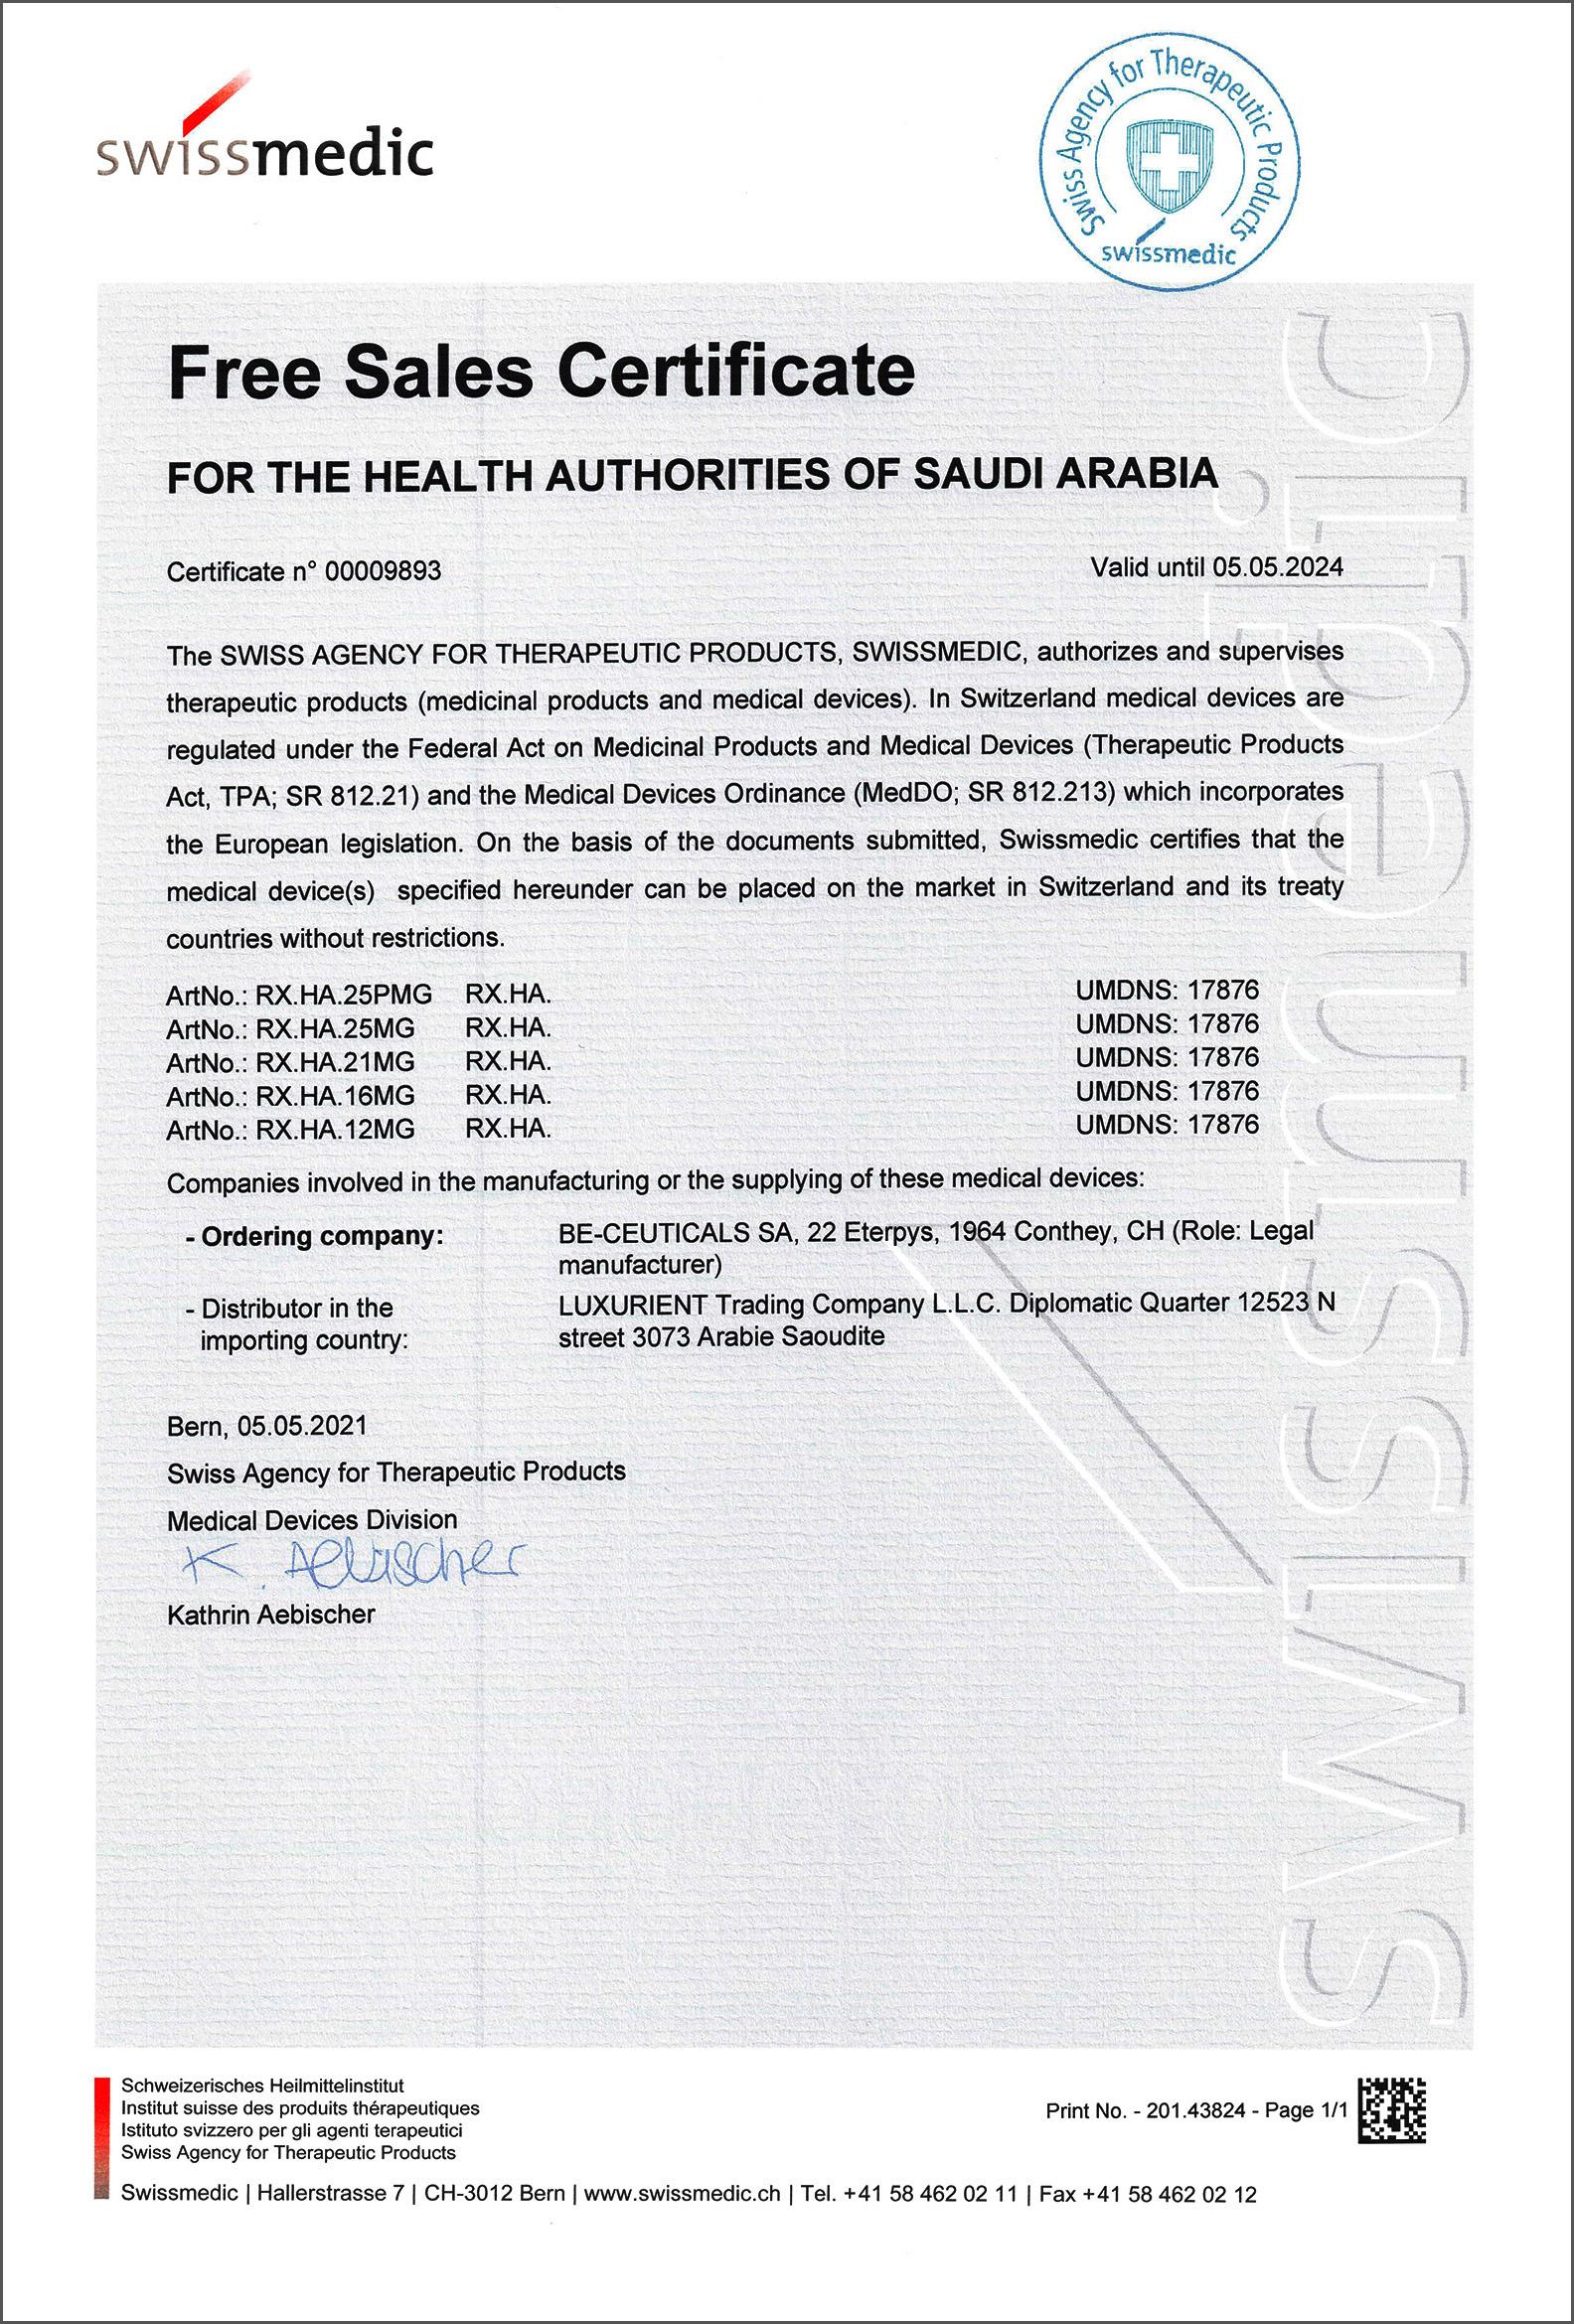 Swissmedic - Free Sales Certificate - Saudi Arabia